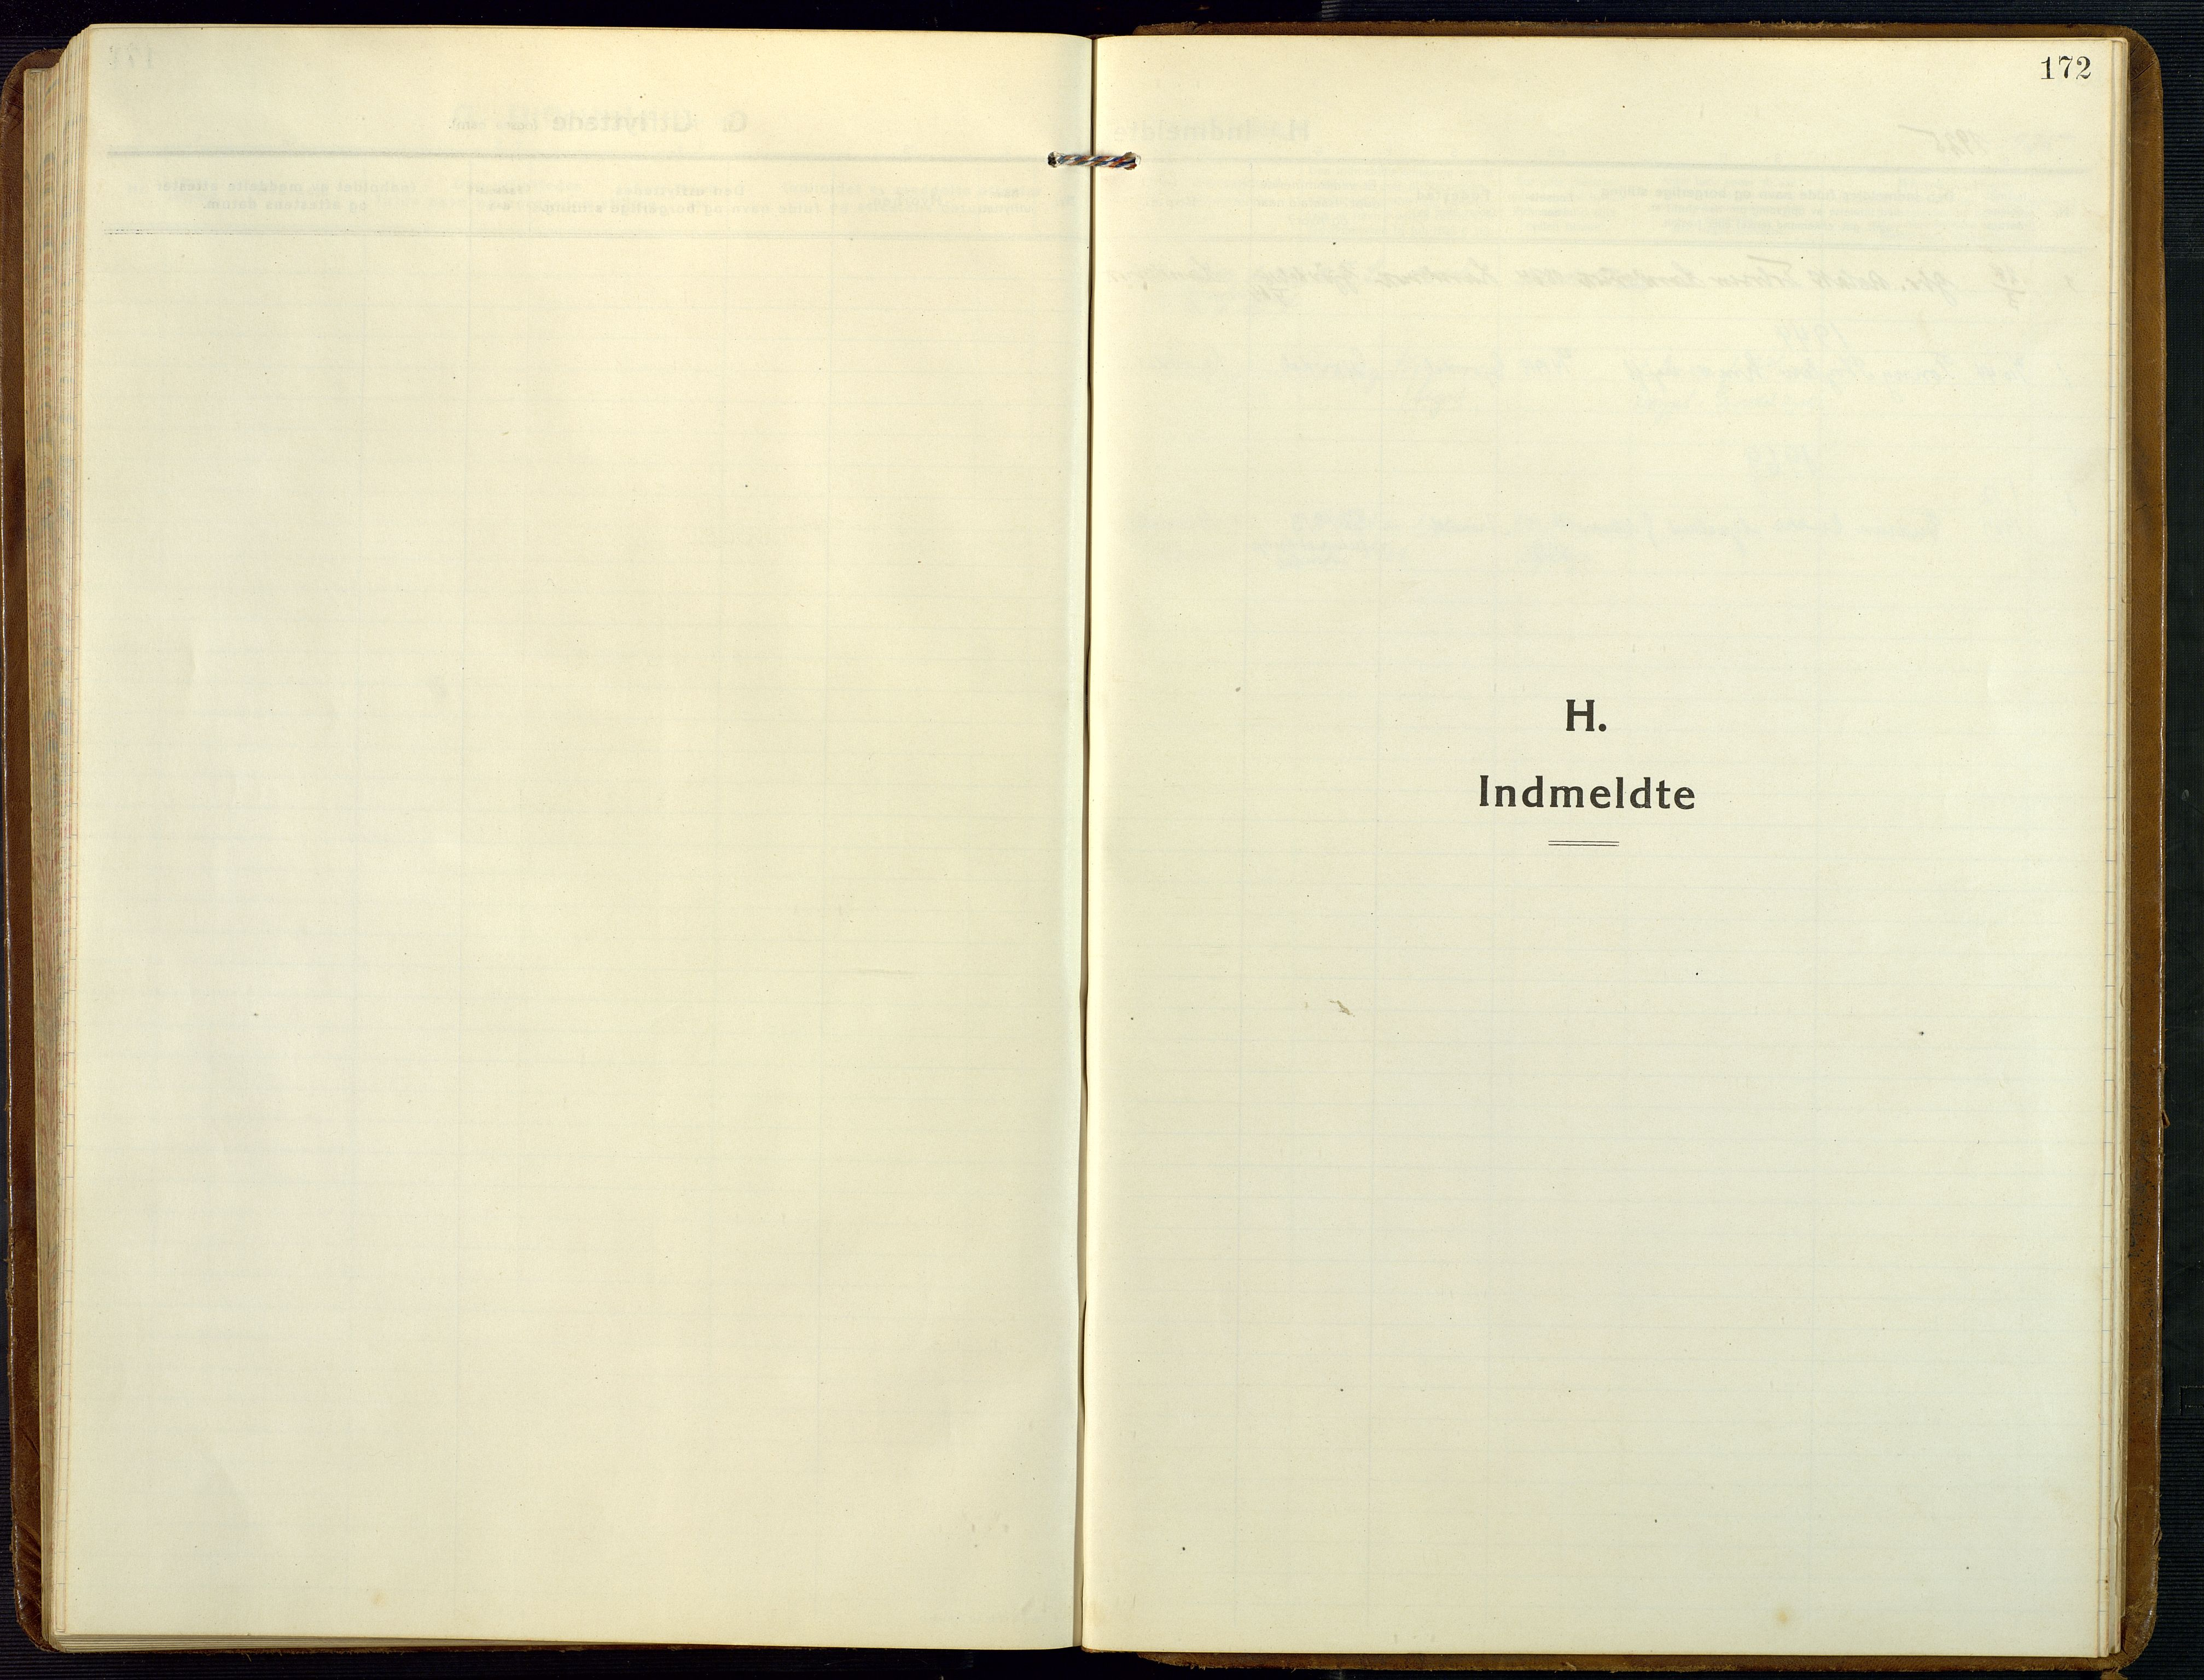 SAK, Åmli sokneprestkontor, F/Fb/Fba/L0003: Klokkerbok nr. B 3, 1912-1974, s. 172